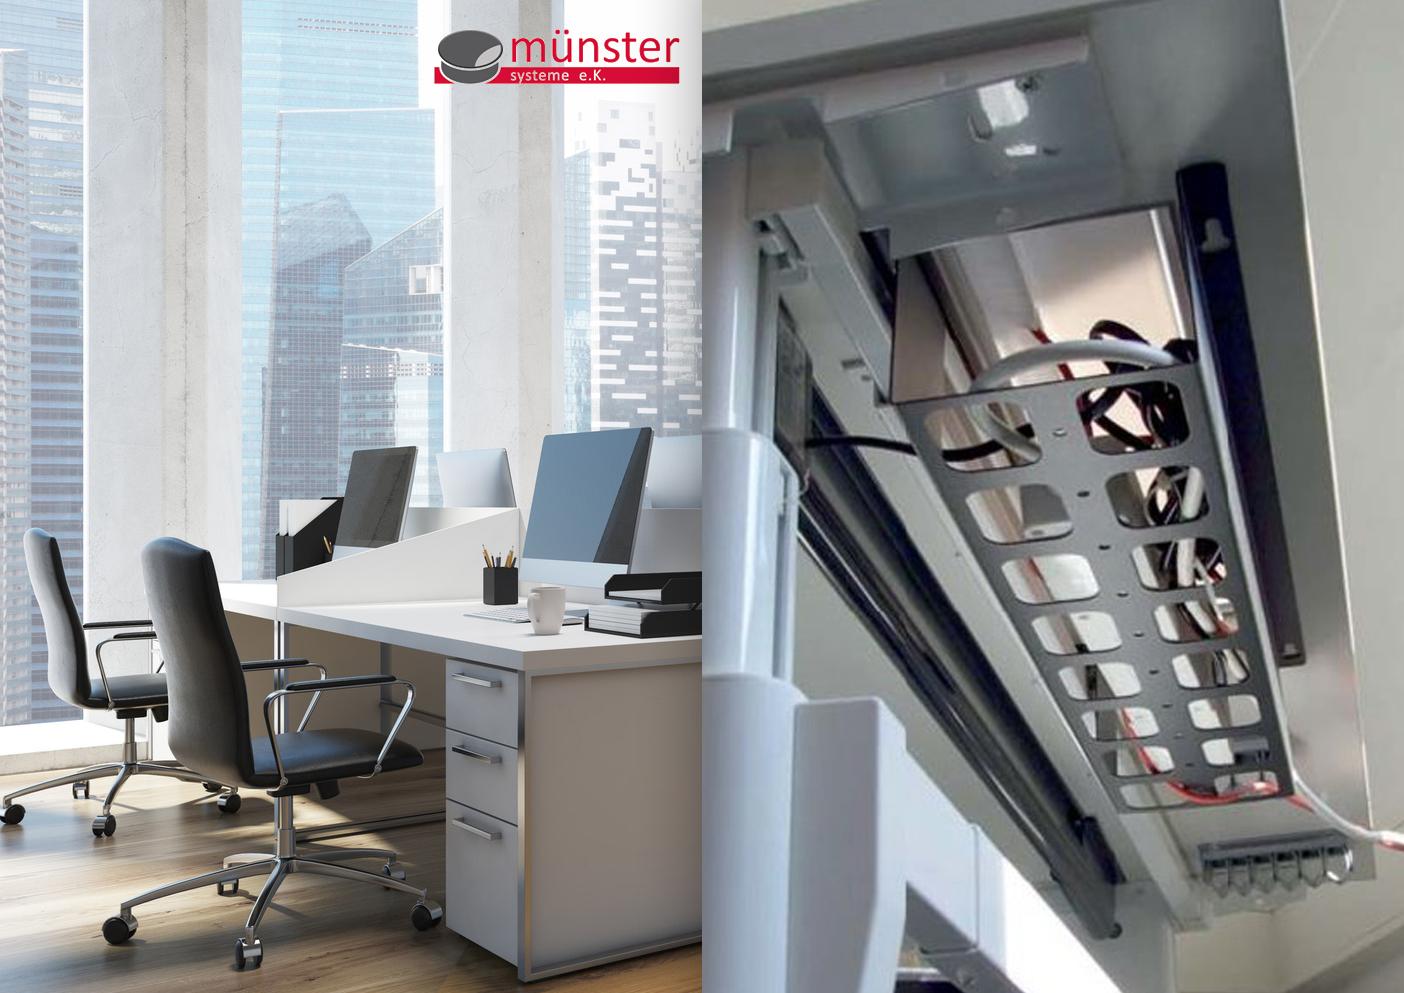 Erfreut Unter Dem Schreibtisch Drahtablage Bilder - Elektrische ...